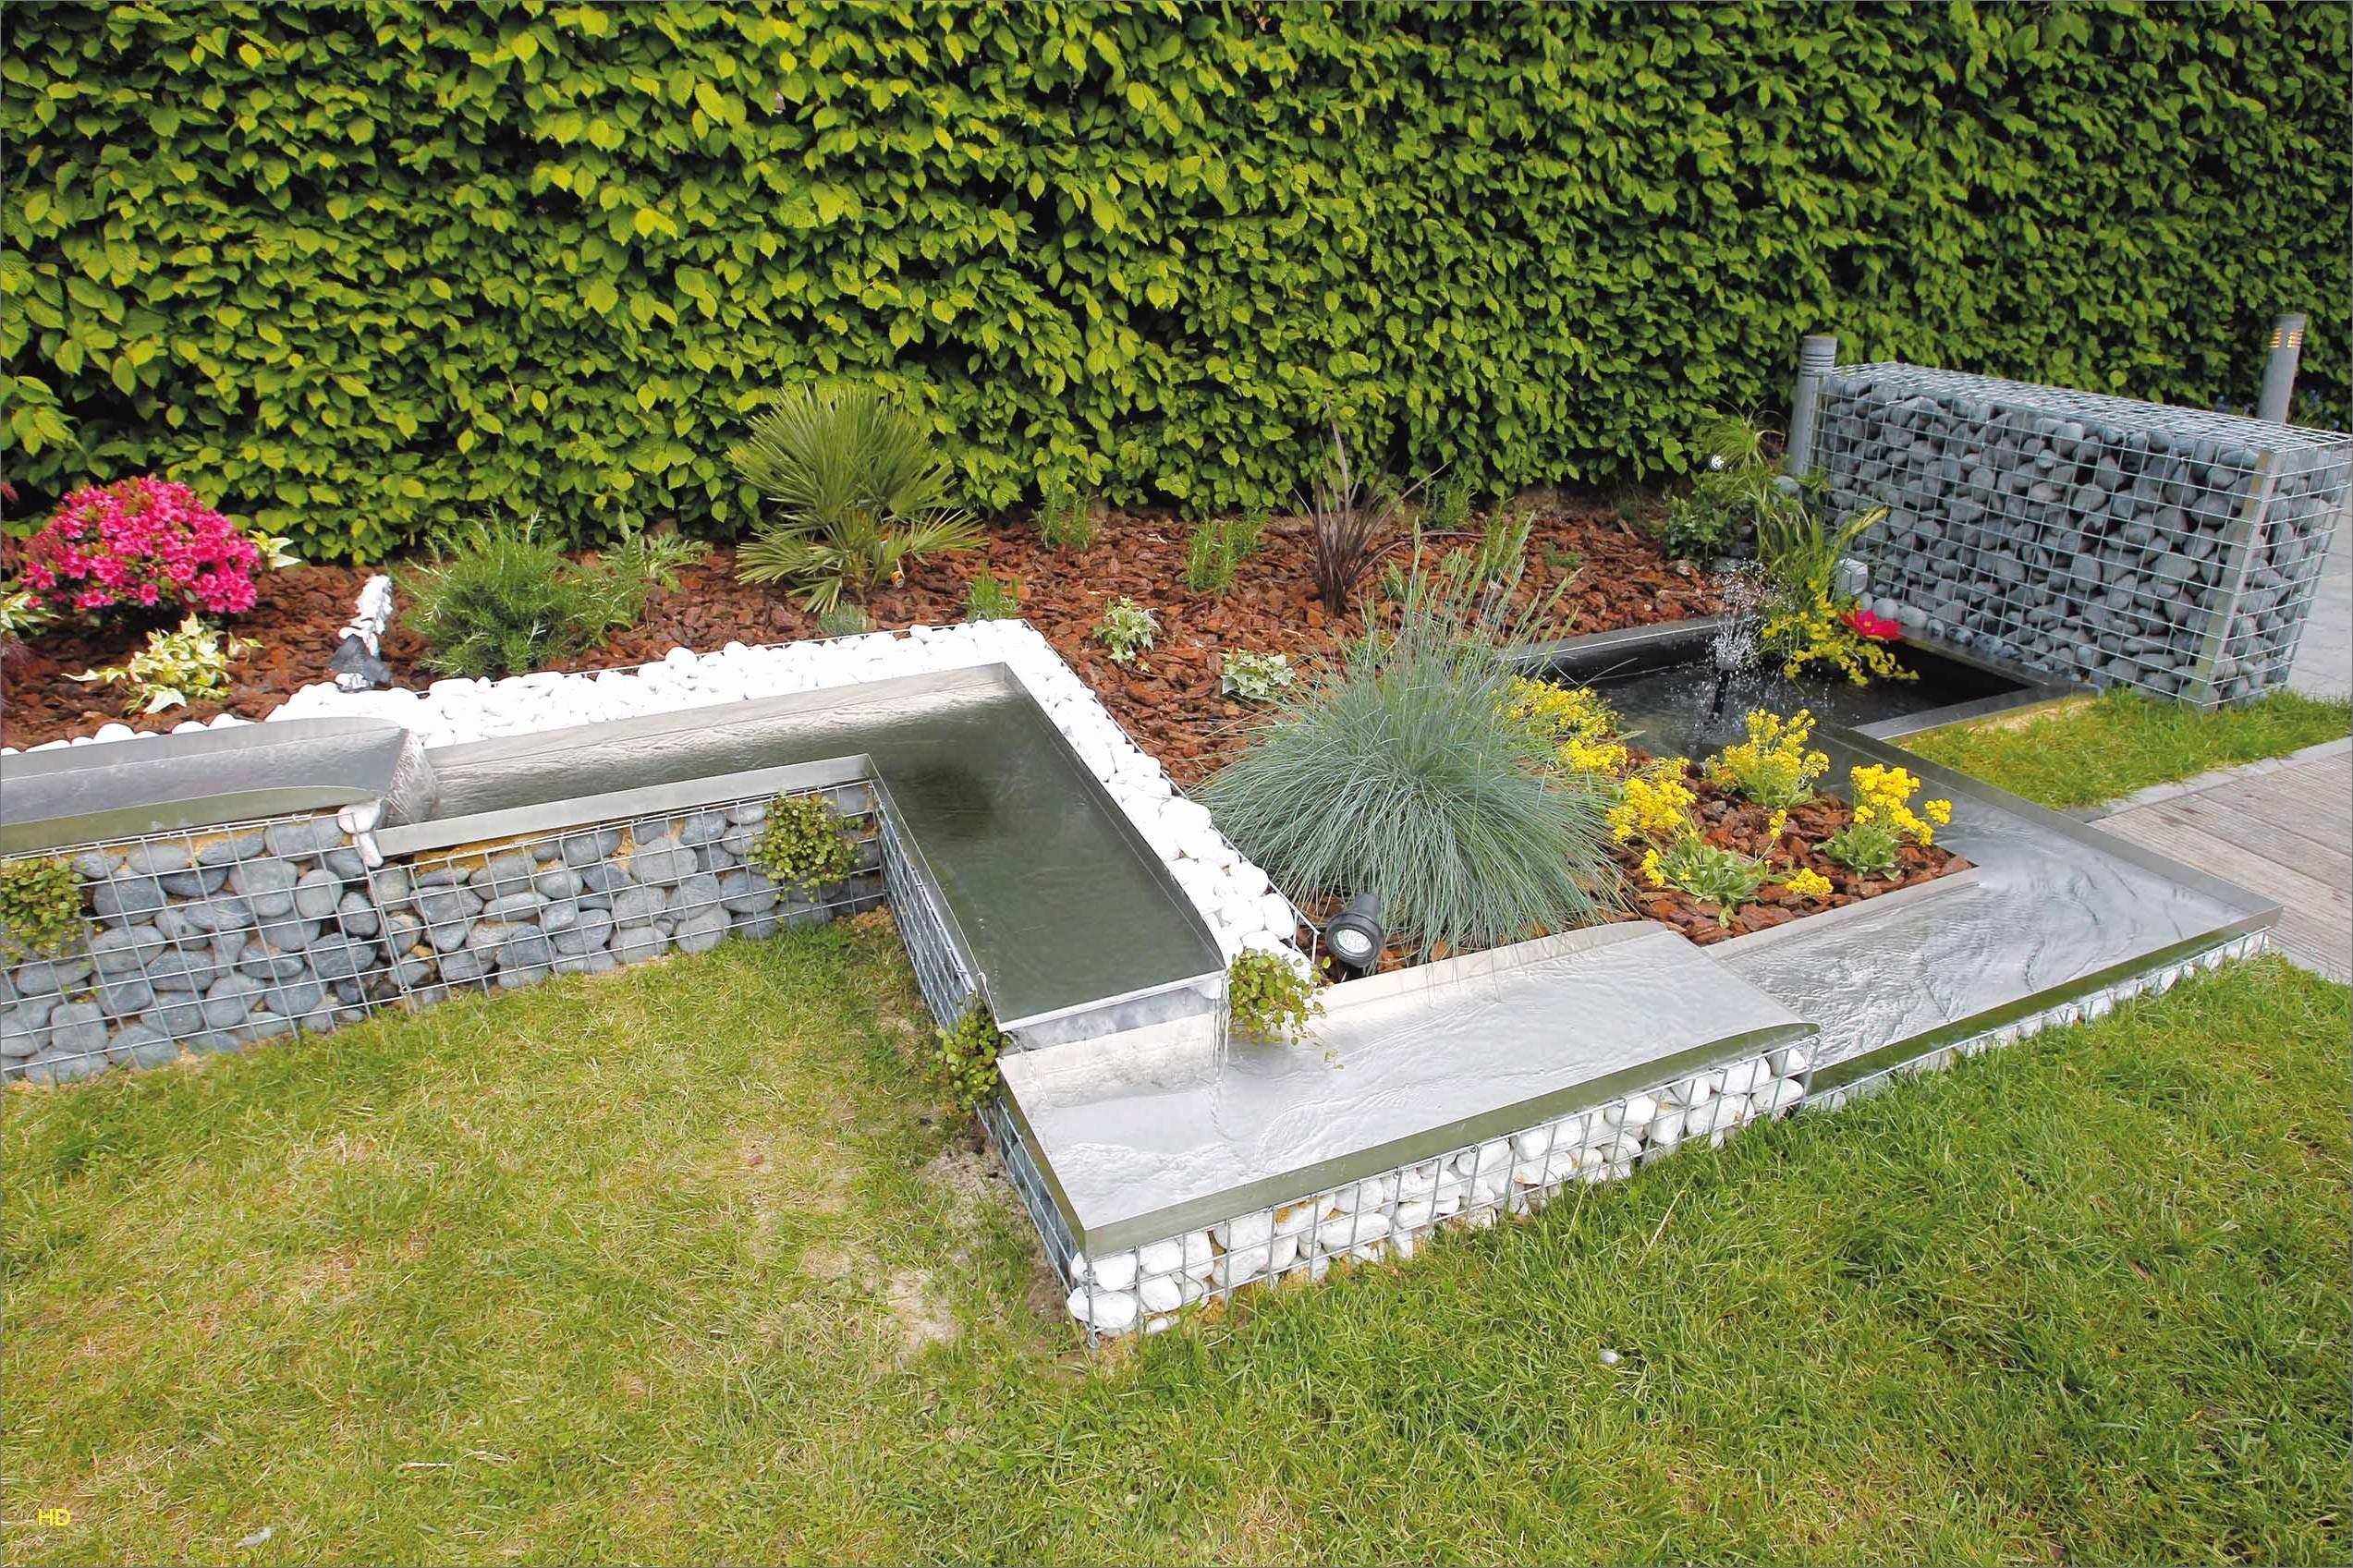 Pompe Fontaine Castorama Élégant Images Robinet De Jardin Meilleur De Pompe Fontaine Castorama Luxe Pompe A